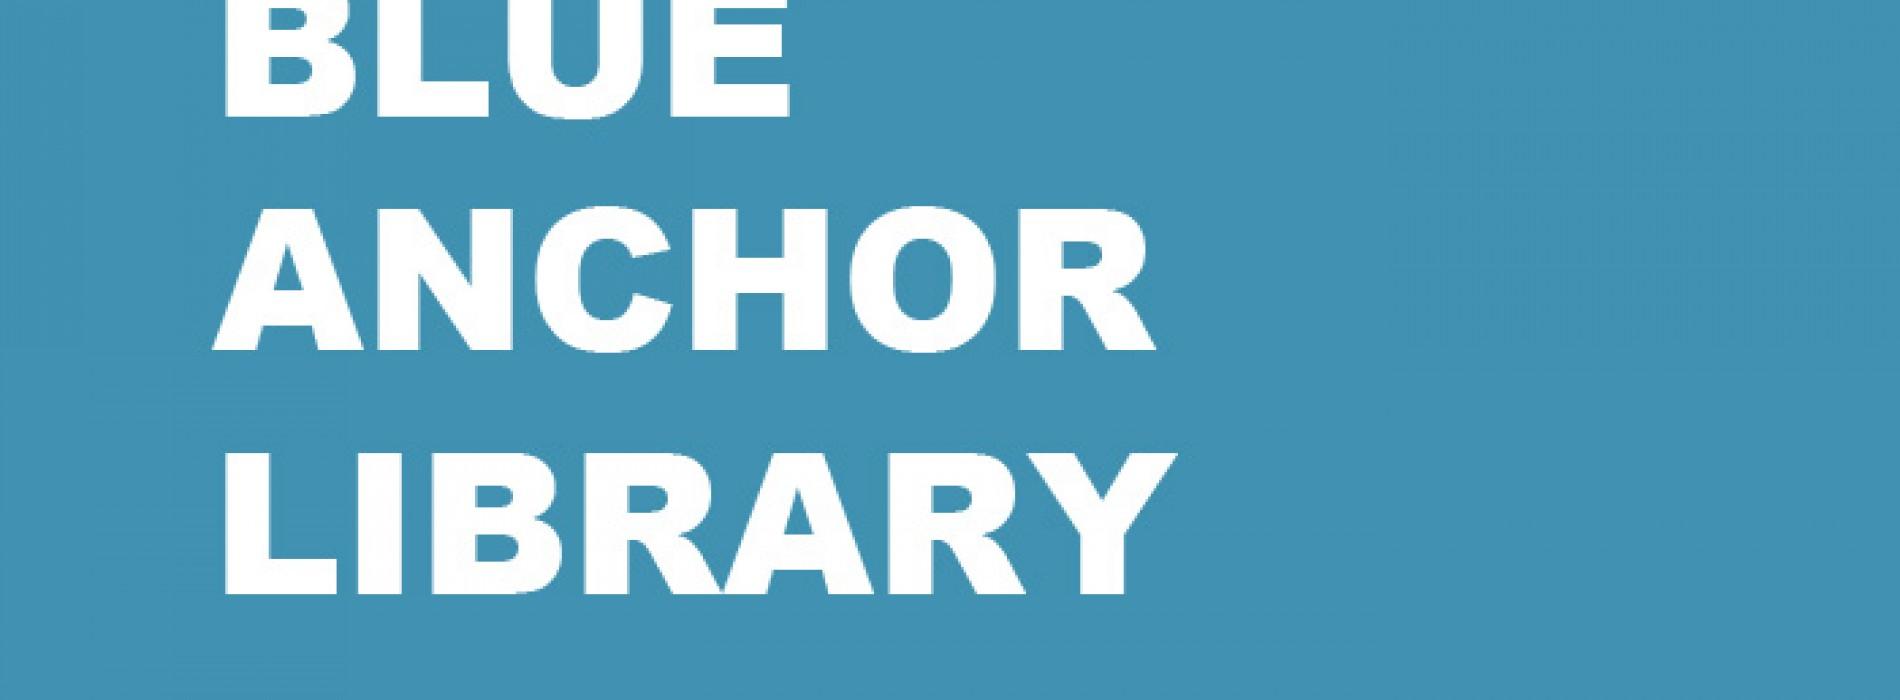 Blue Anchor Library Bookstart session for children